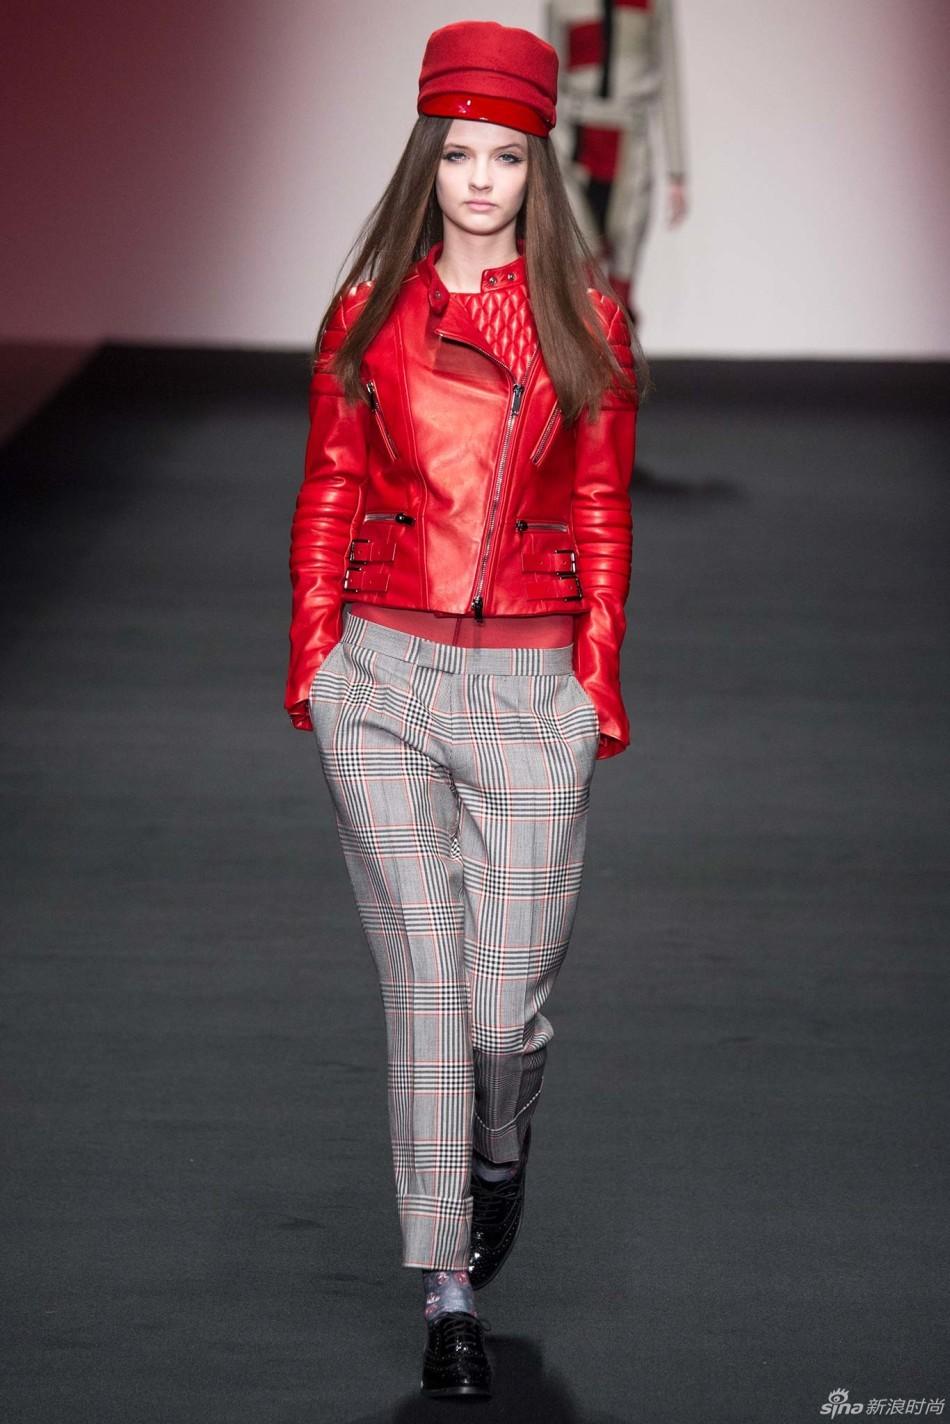 伦敦时装发布会 2015秋冬时装周  Daks 时装秀图片